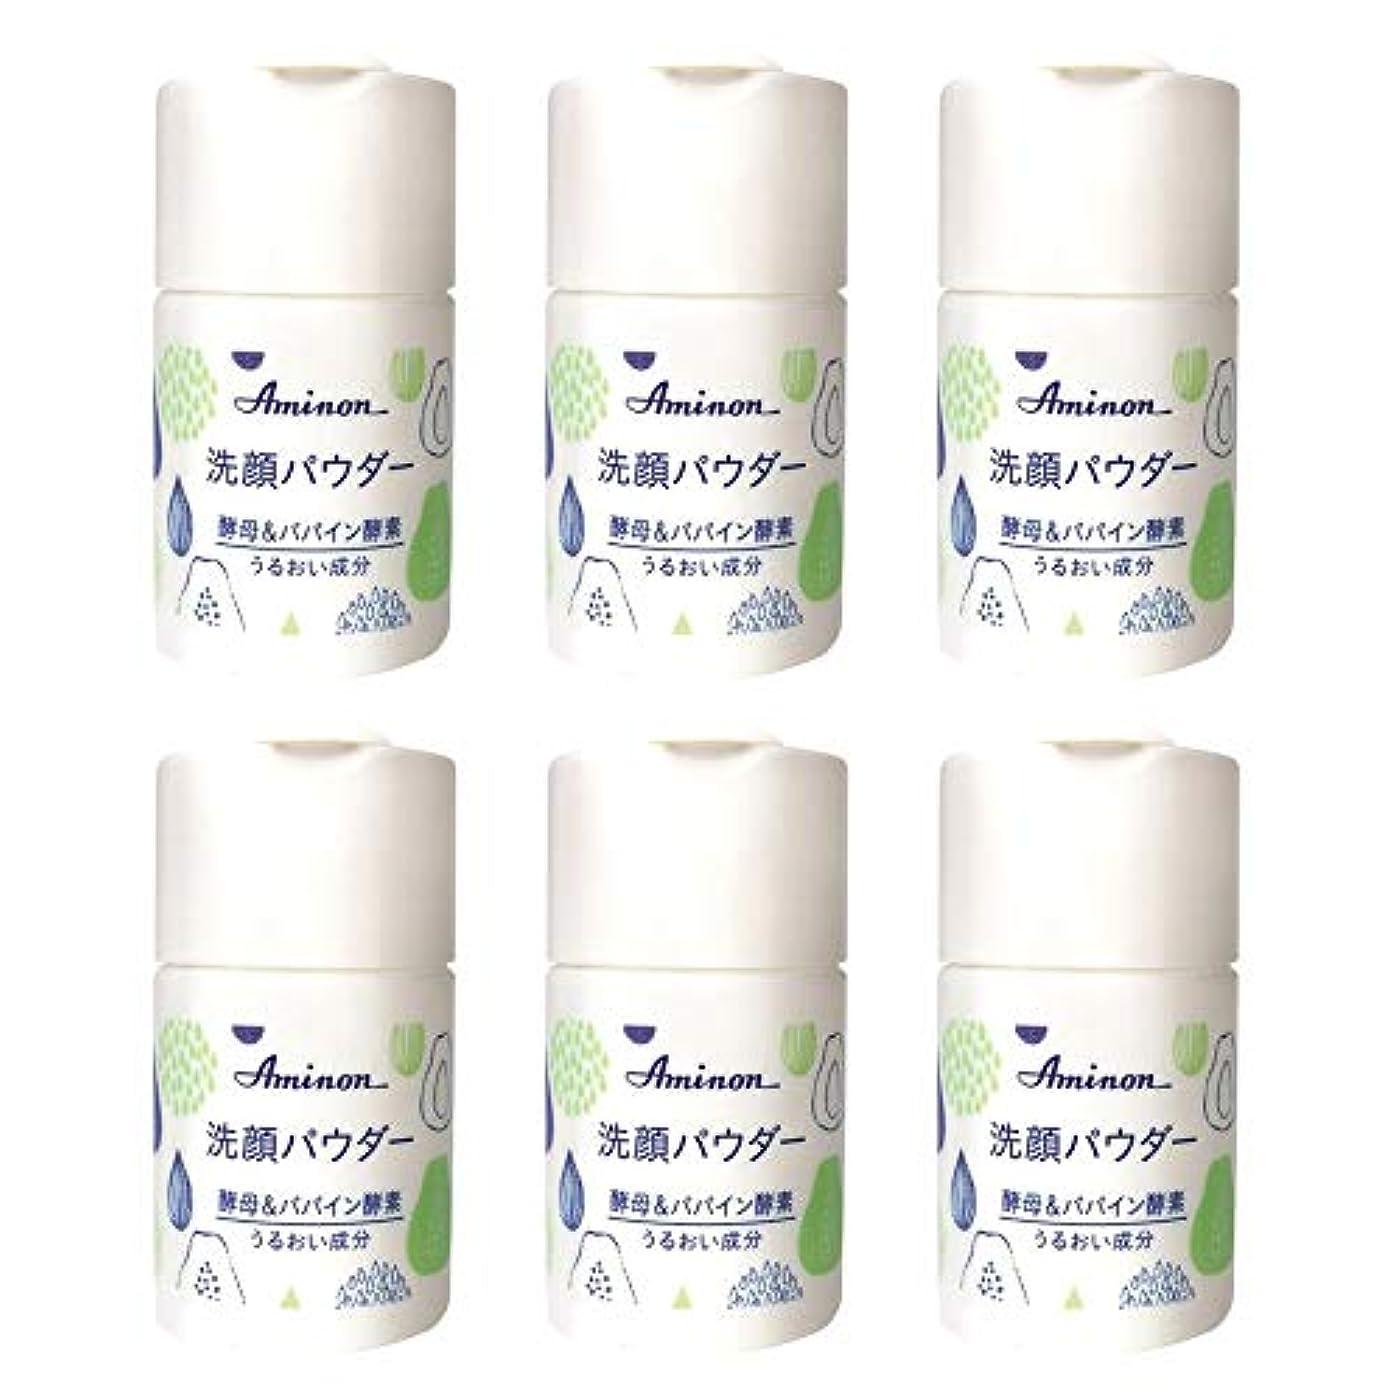 喉頭人間幸運アミノン パパイン酵素配合 洗顔パウダー 50g (6本セット)